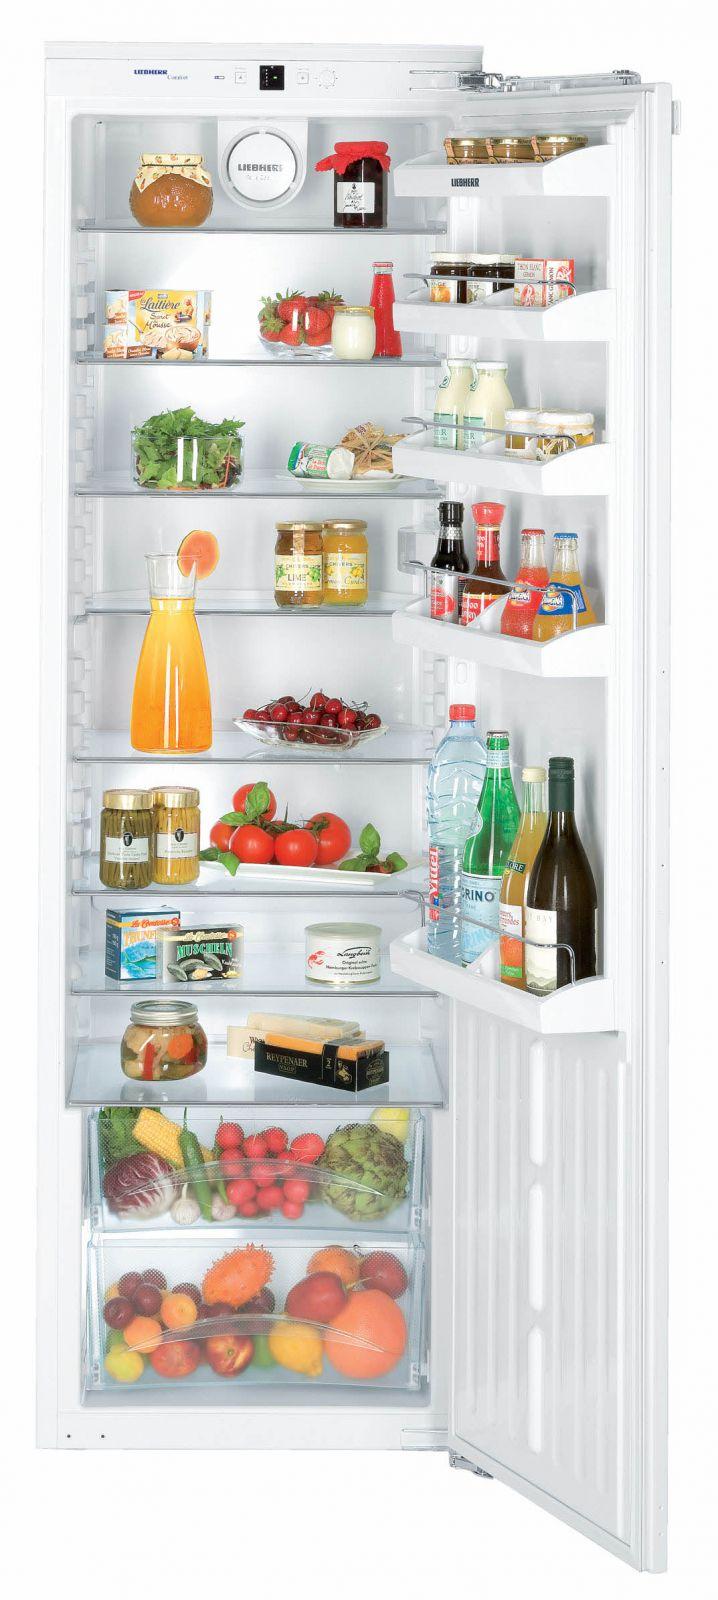 купить Встраиваемый однокамерный холодильник  Liebherr IK 3620 Украина фото 0